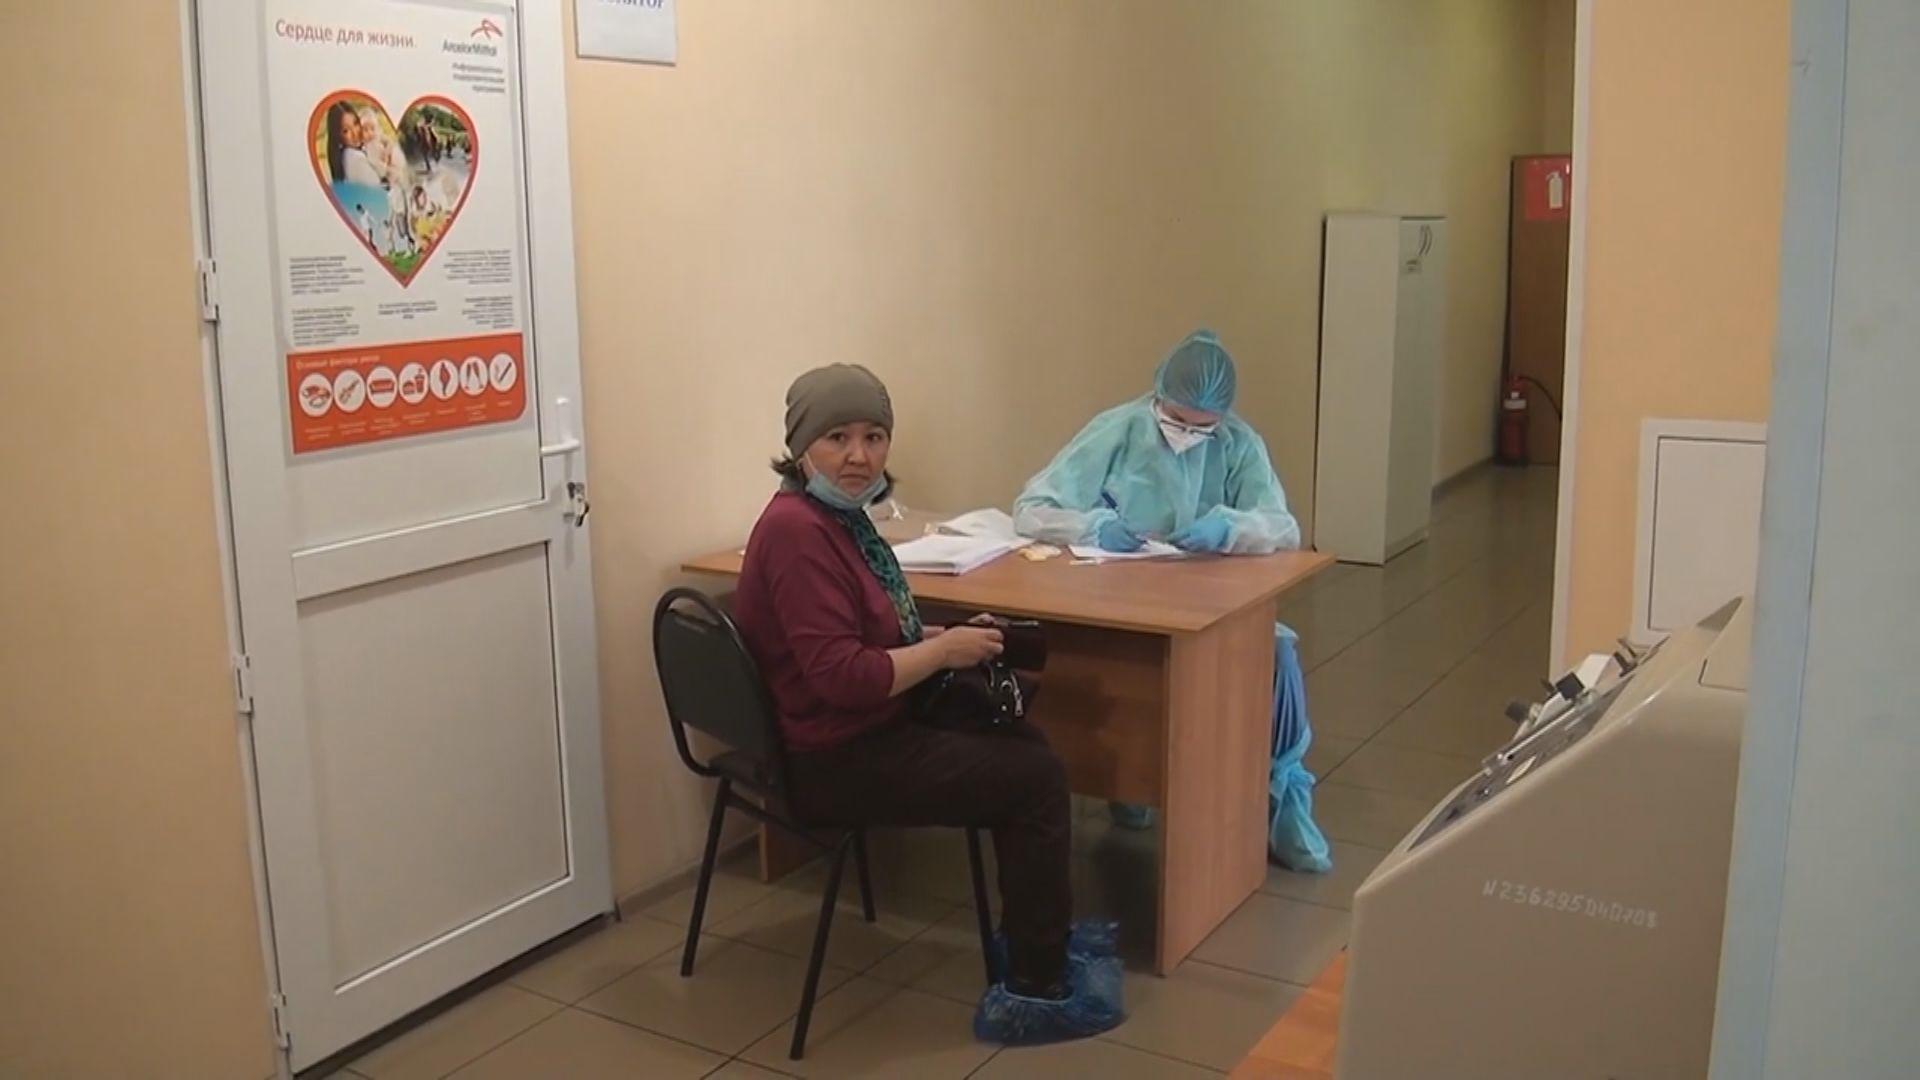 世衛推測哈薩克不明肺炎個案大機會為新冠病毒